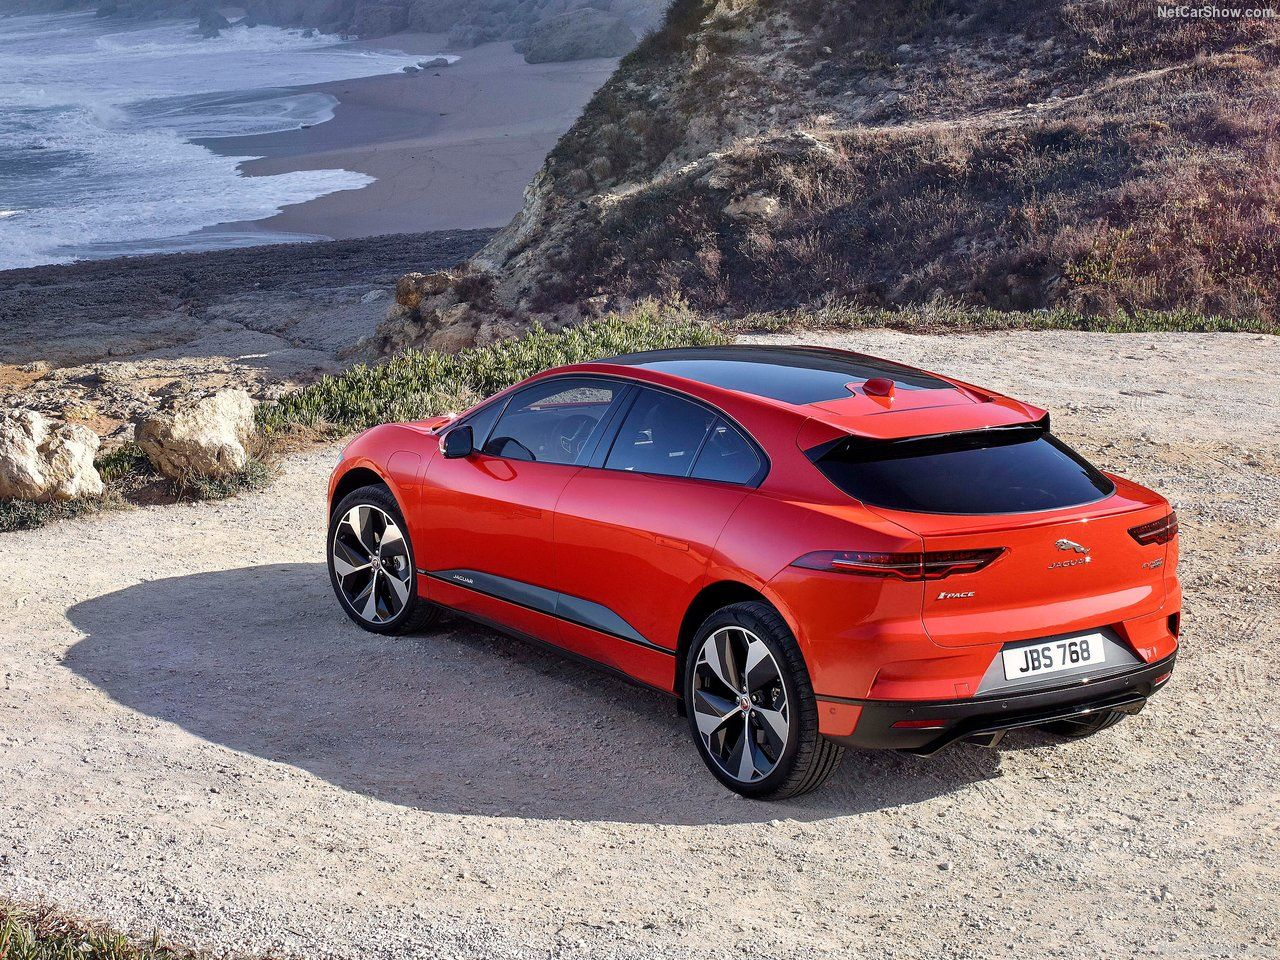 Jaguar I-Pace vermelho parado em uma paisagem